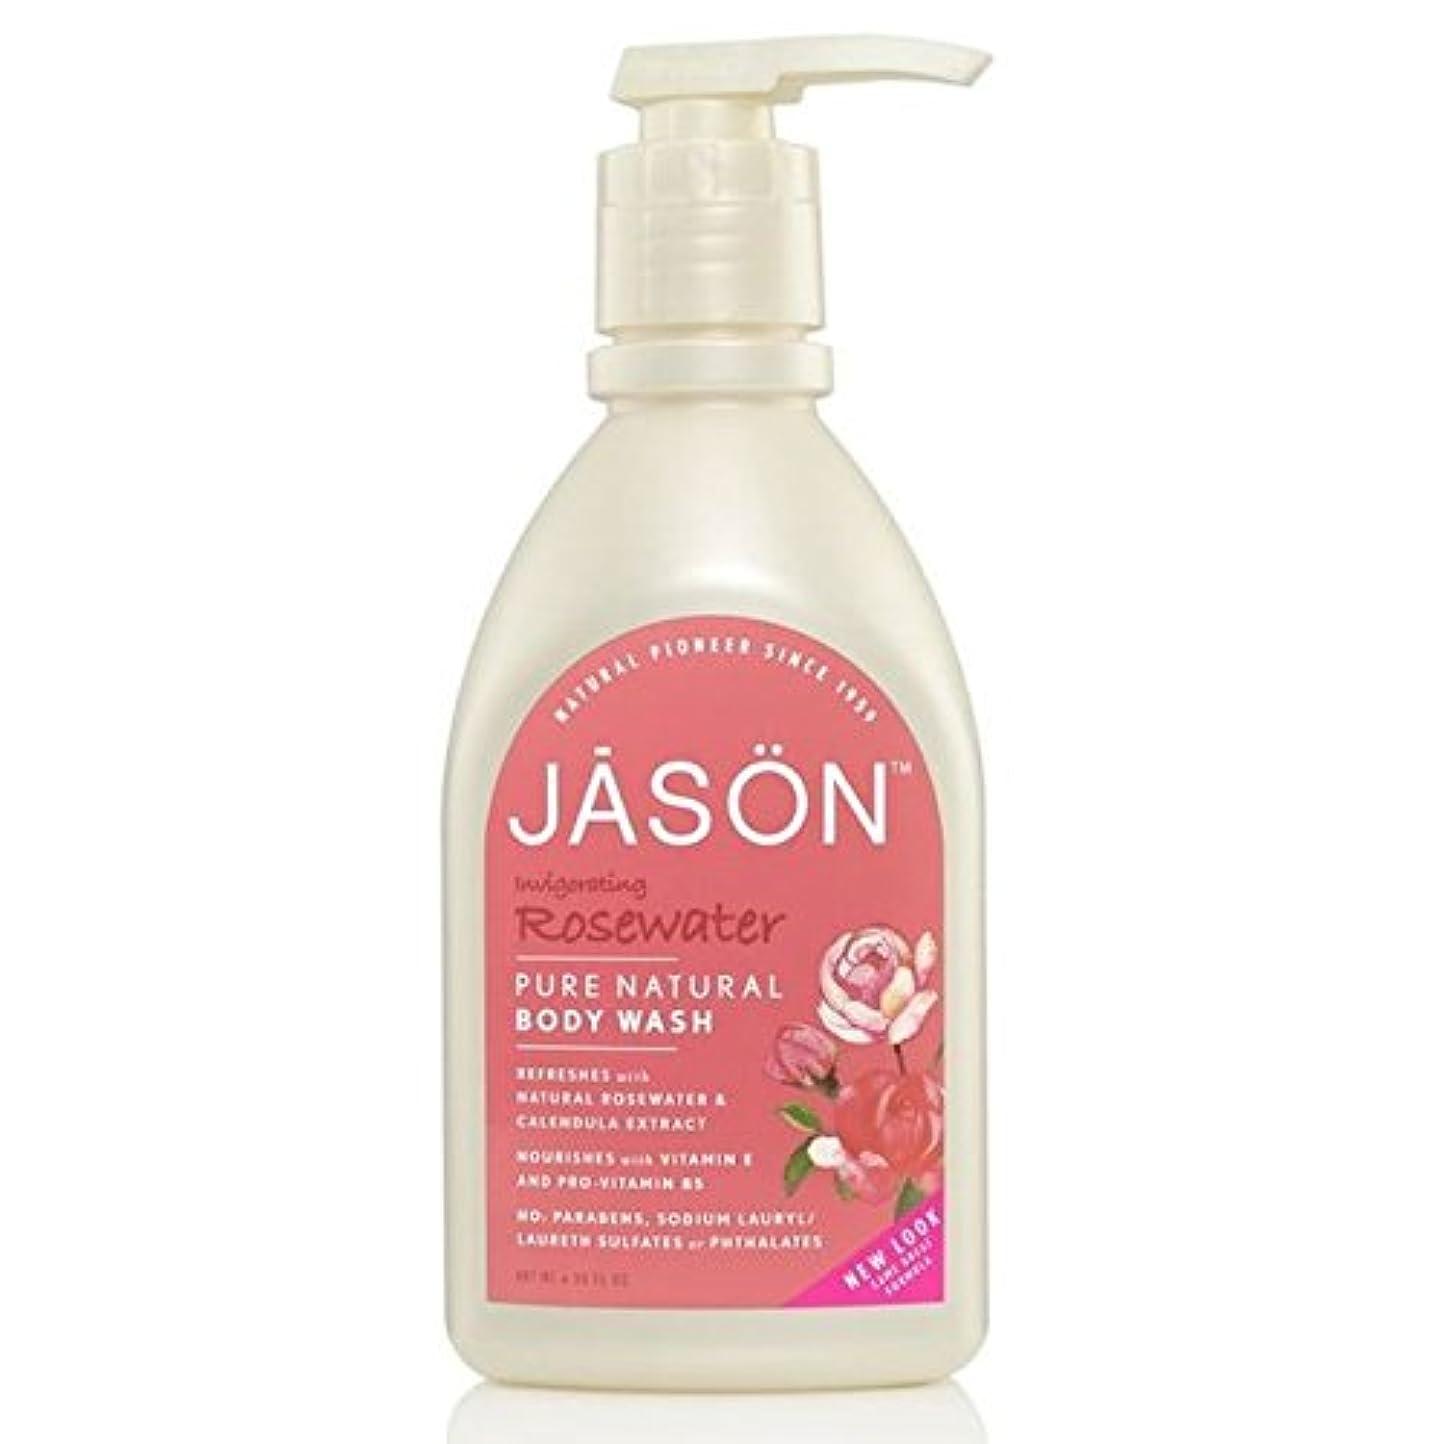 露バインド誠実Jason Body Wash Rosewater Satin Shower 900ml (Pack of 6) - ジェイソン?ボディウォッシュローズウォーターサテンシャワー900ミリリットル x6 [並行輸入品]